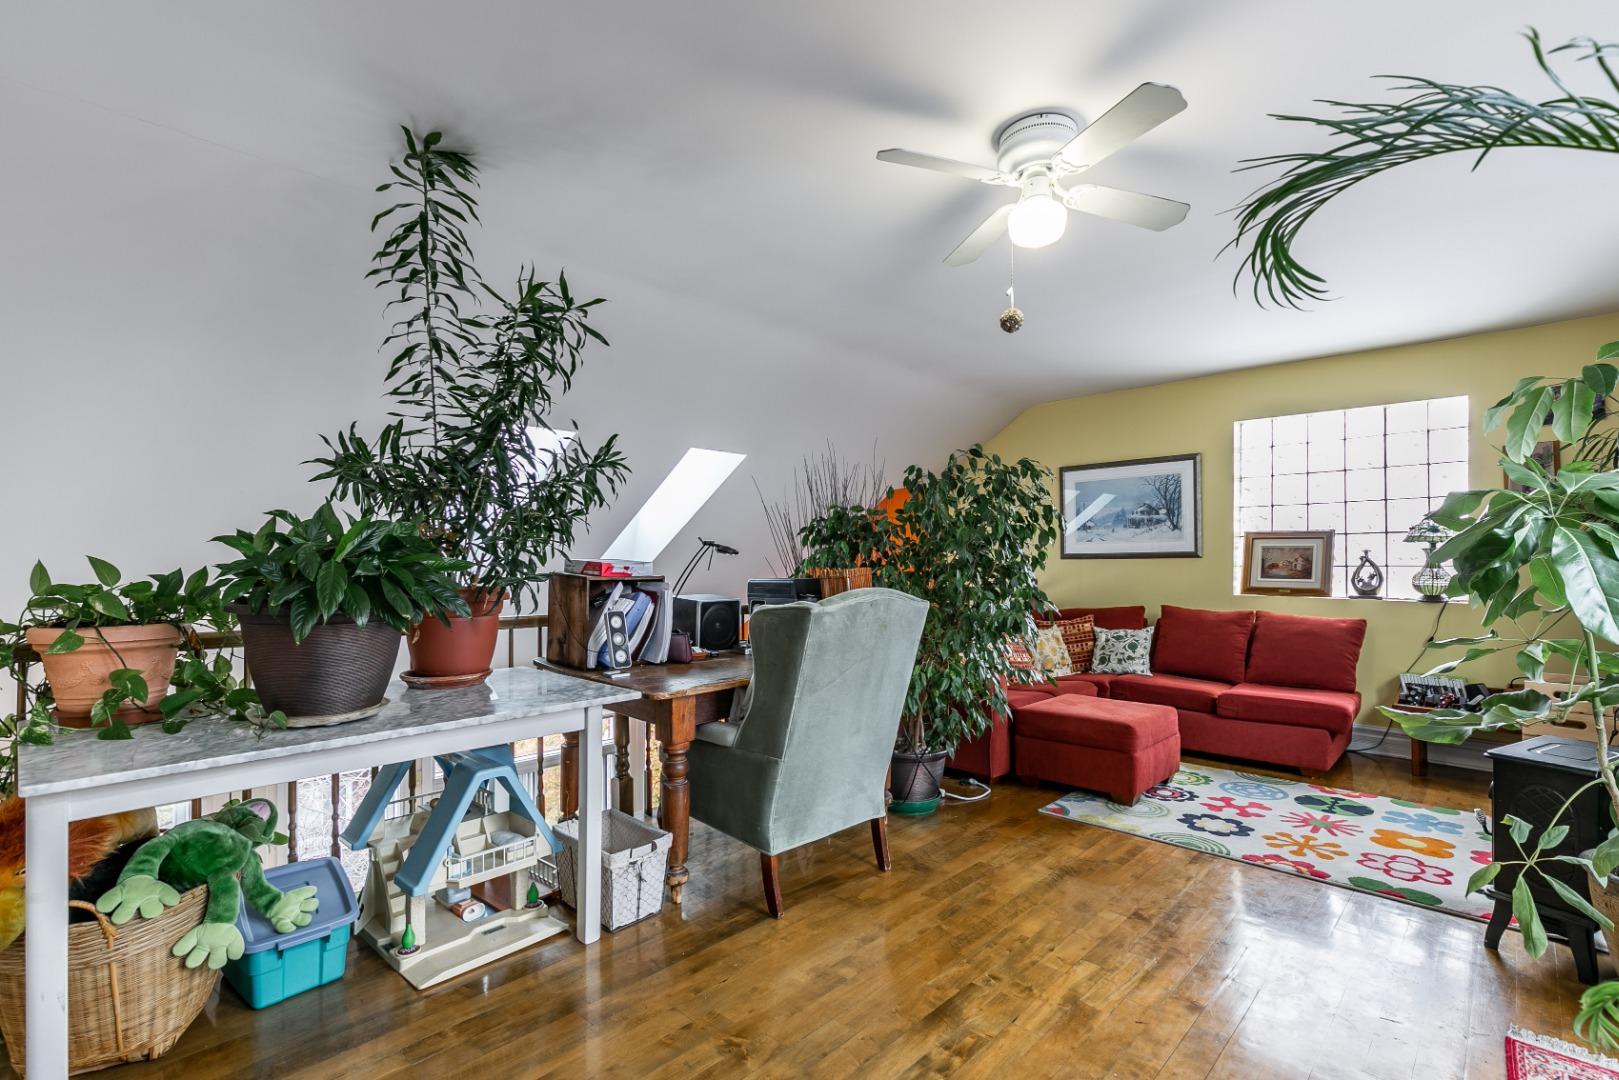 Condo à vendre Rosemont 6529 rue Cartier Montréal-22.jpg